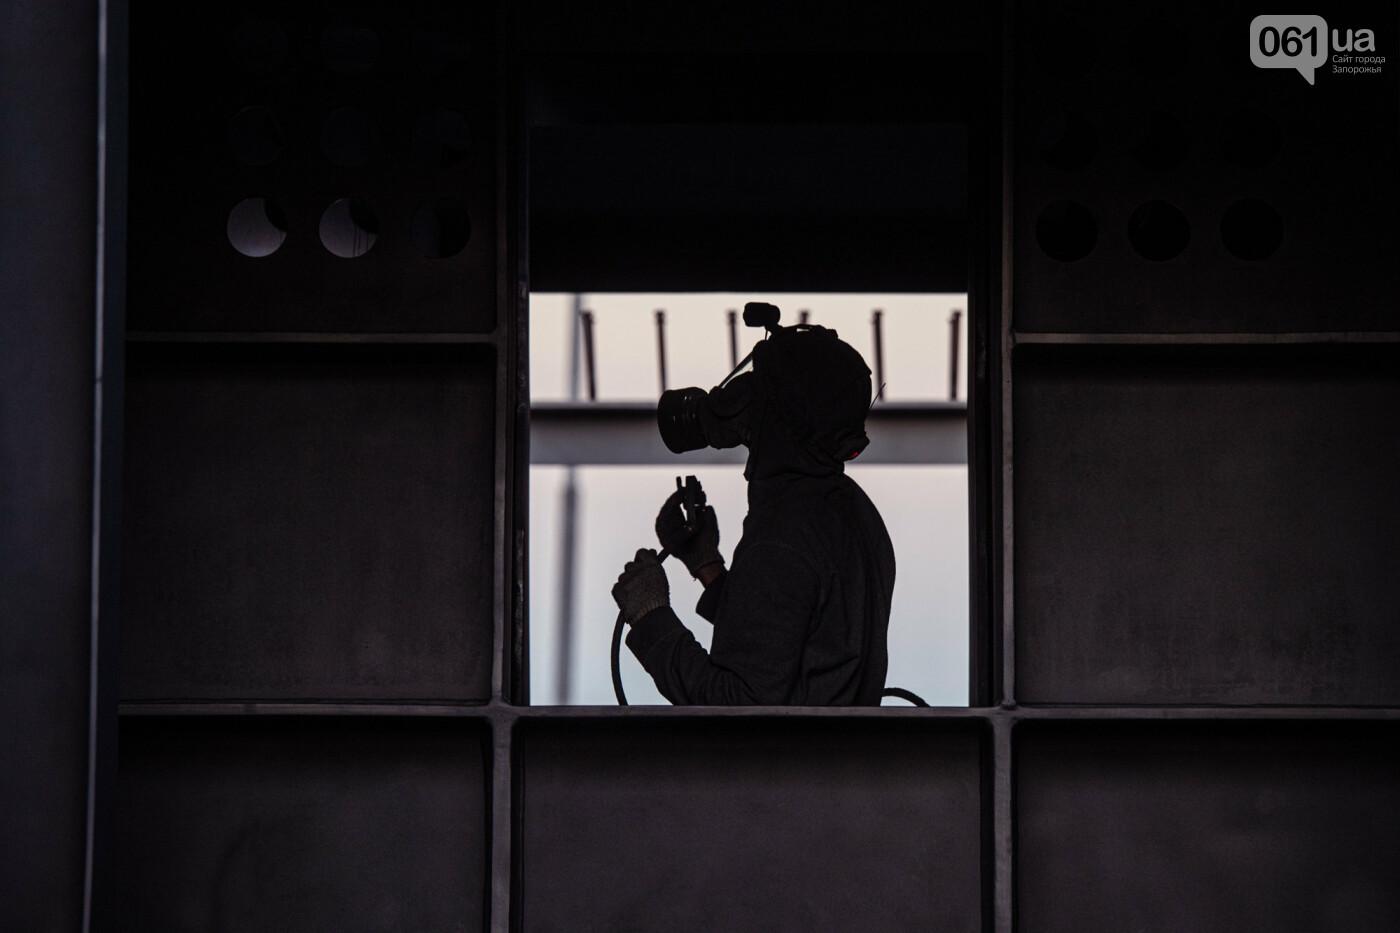 В Запорожье собирают балочный мост через Старый Днепр – строители работают даже ночью, - ФОТОРЕПОРТАЖ , фото-3